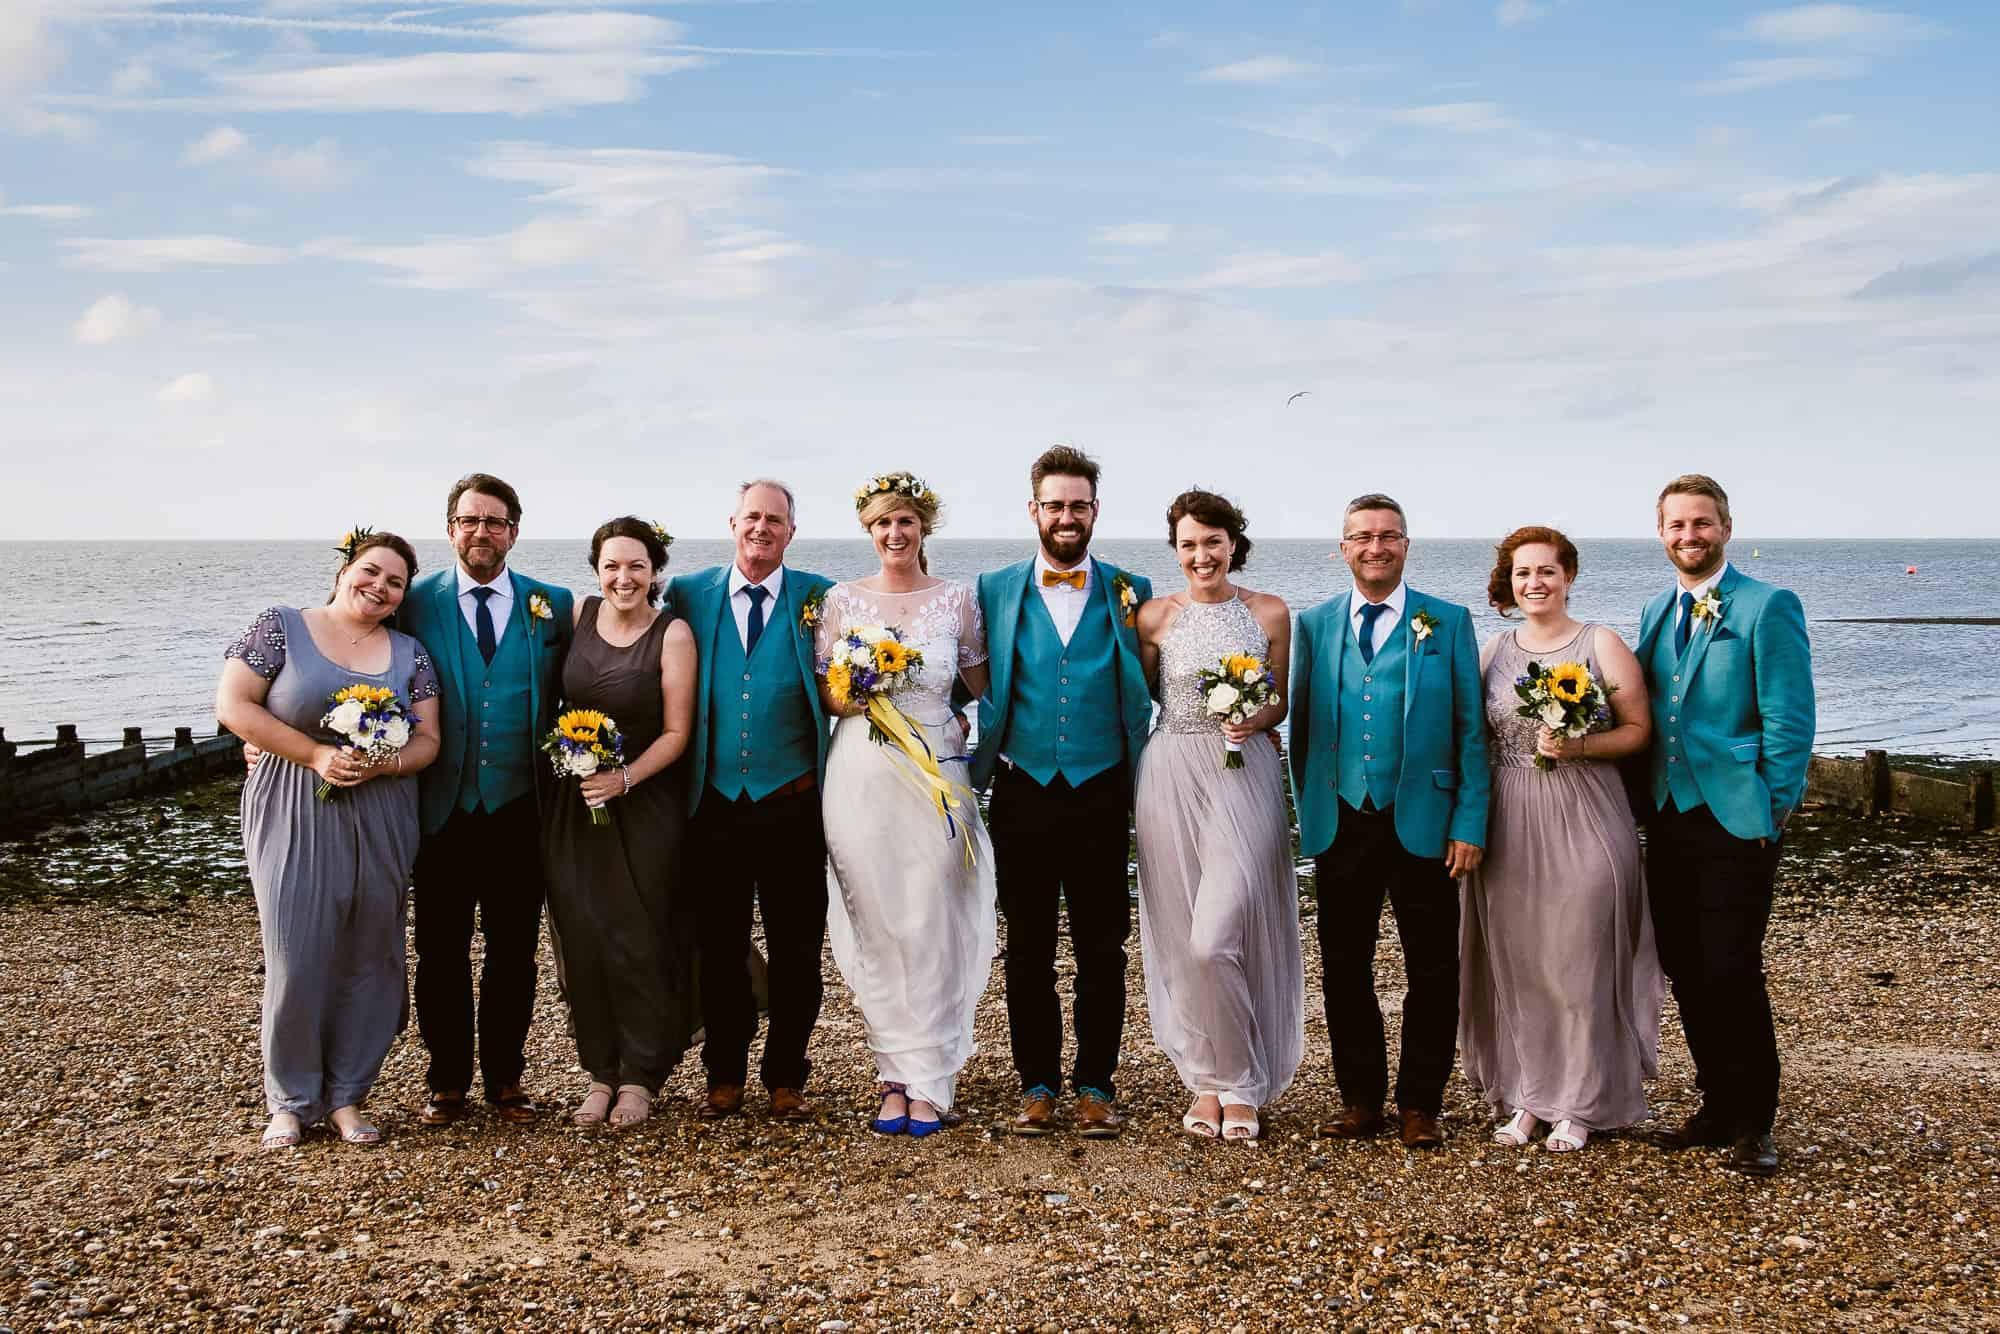 east-quay-wedding-photography-matt-tyler-0063